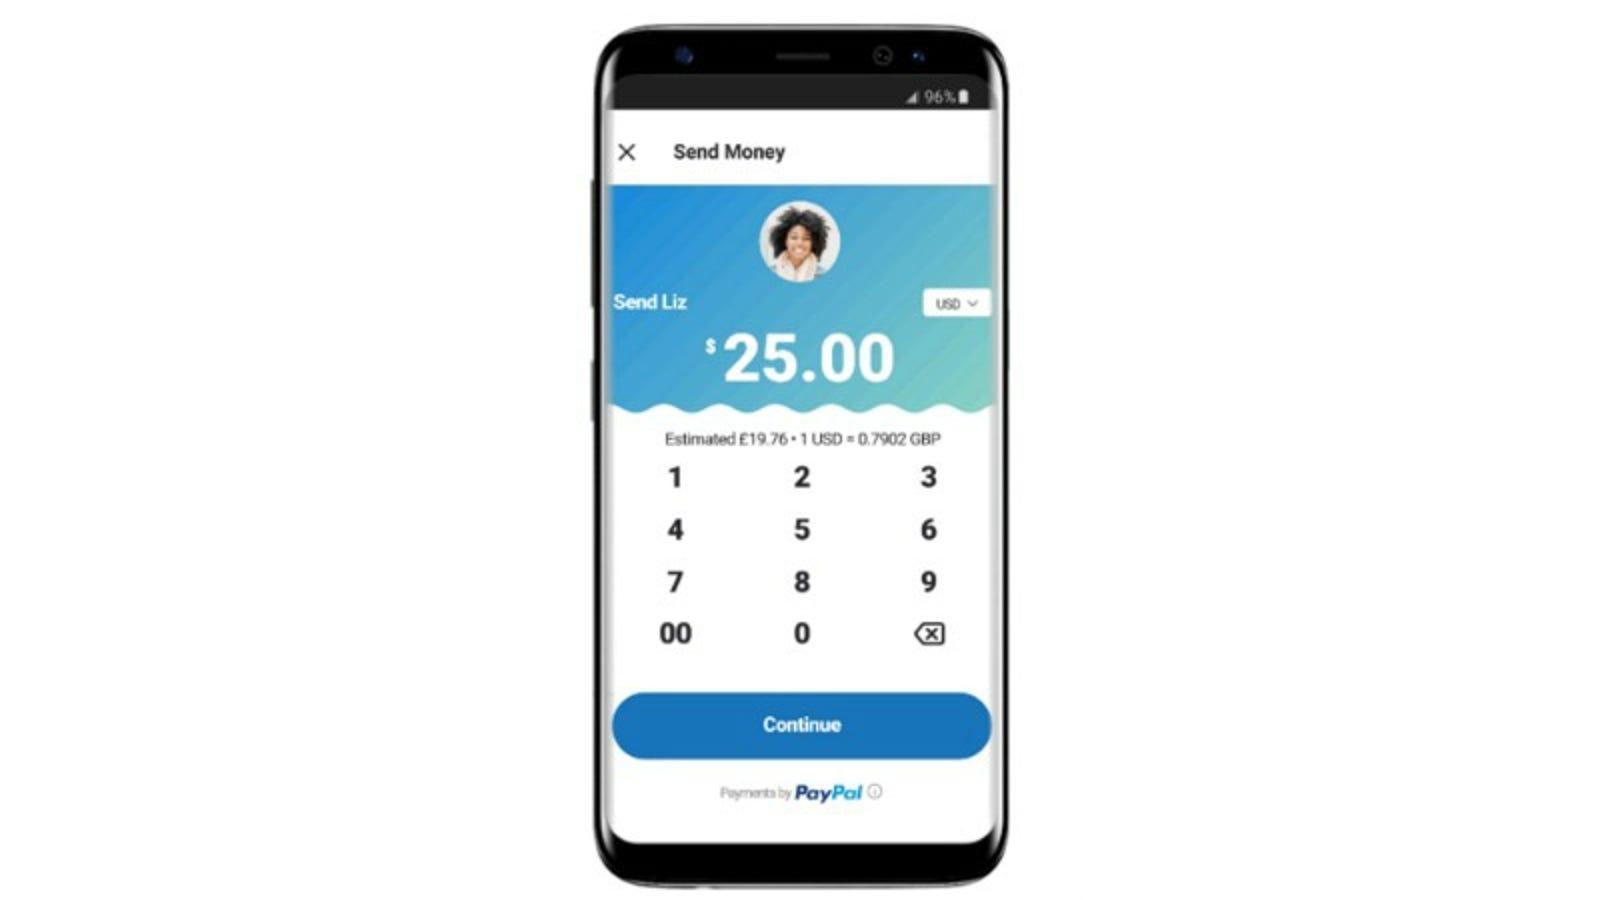 Paypal Via Handy Aufladen